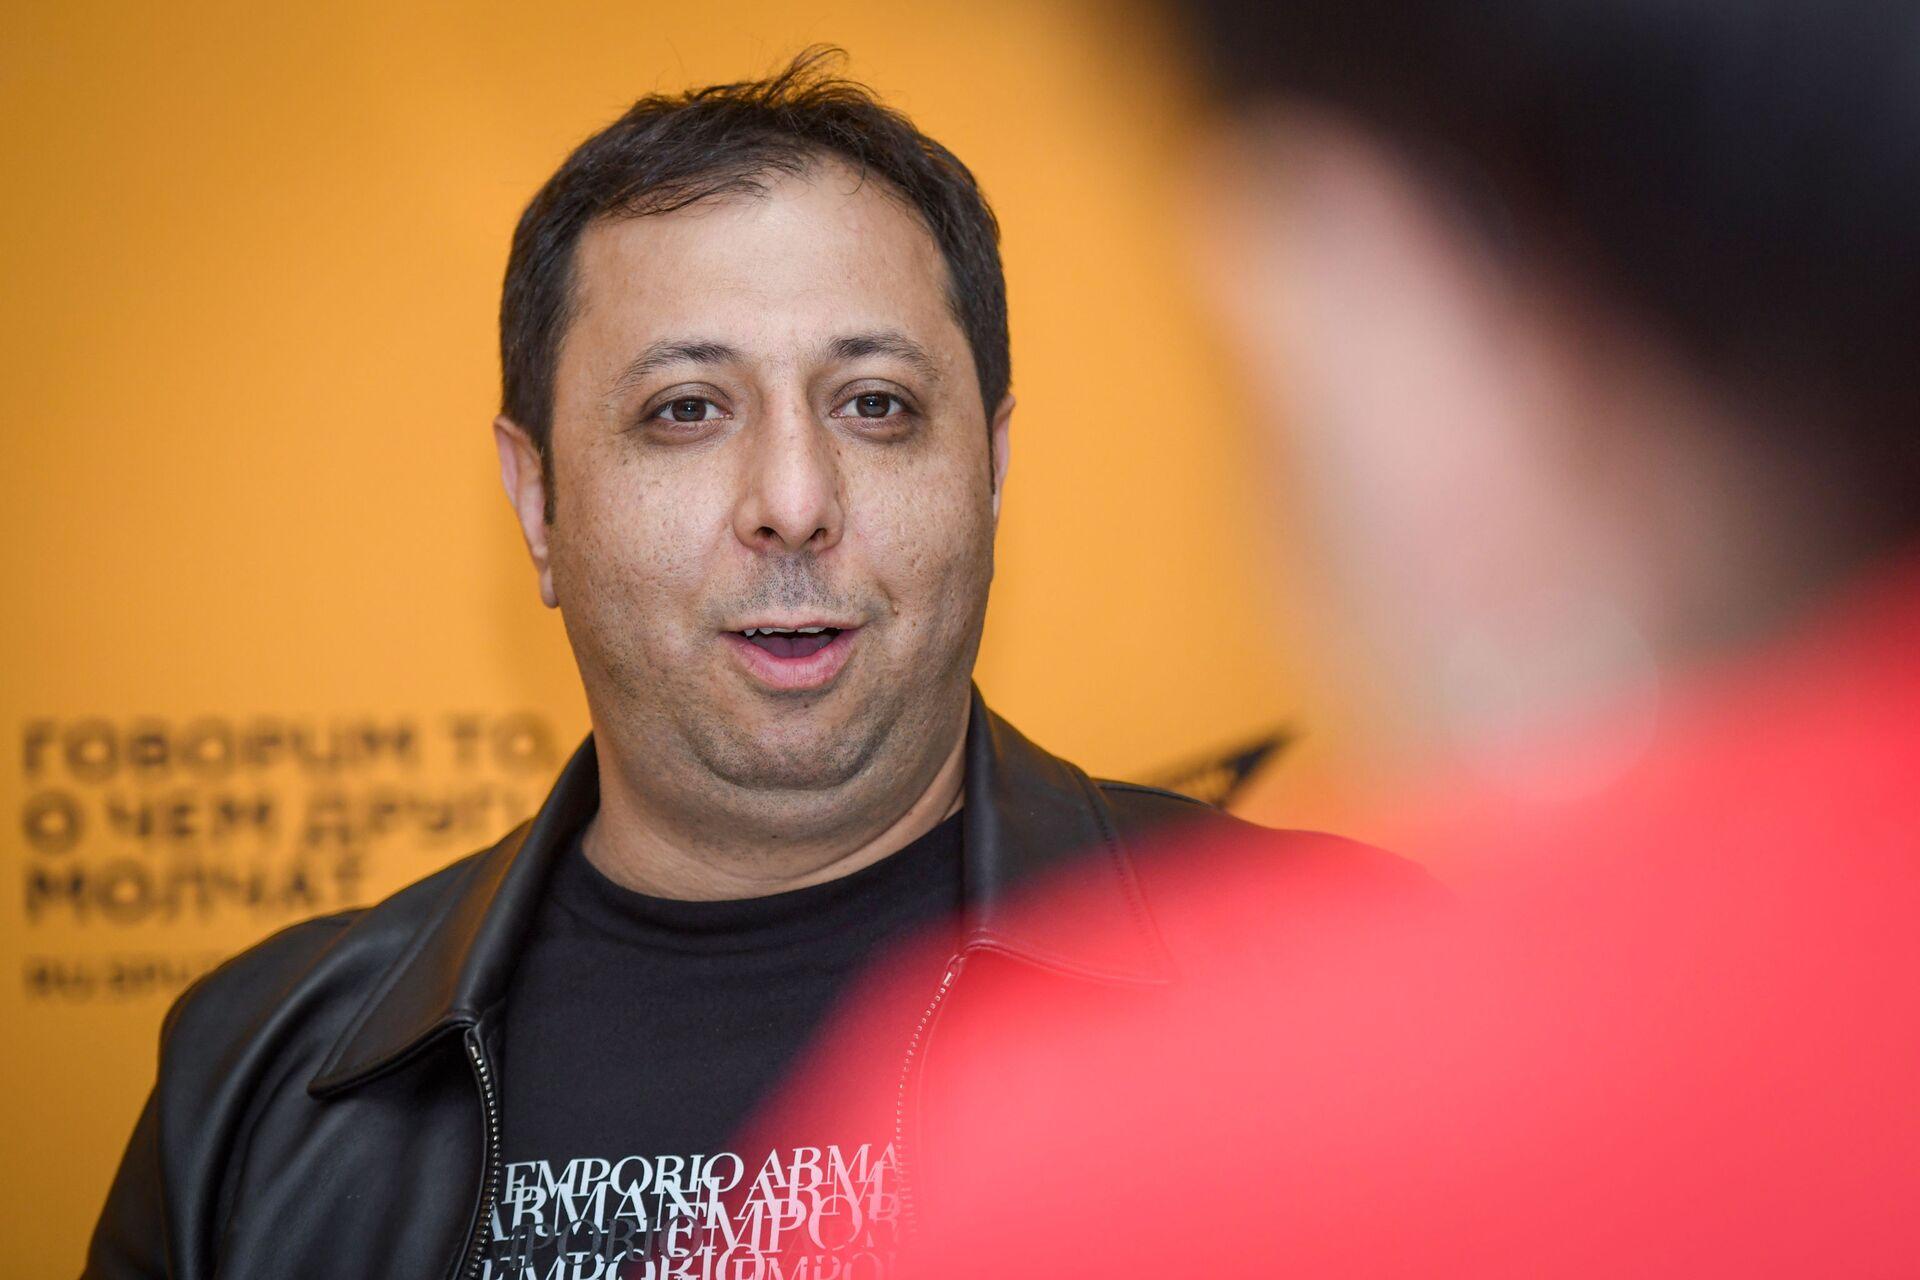 Азербайджанский комик: в Турции не верят в талант наших актеров - Sputnik Азербайджан, 1920, 21.07.2021